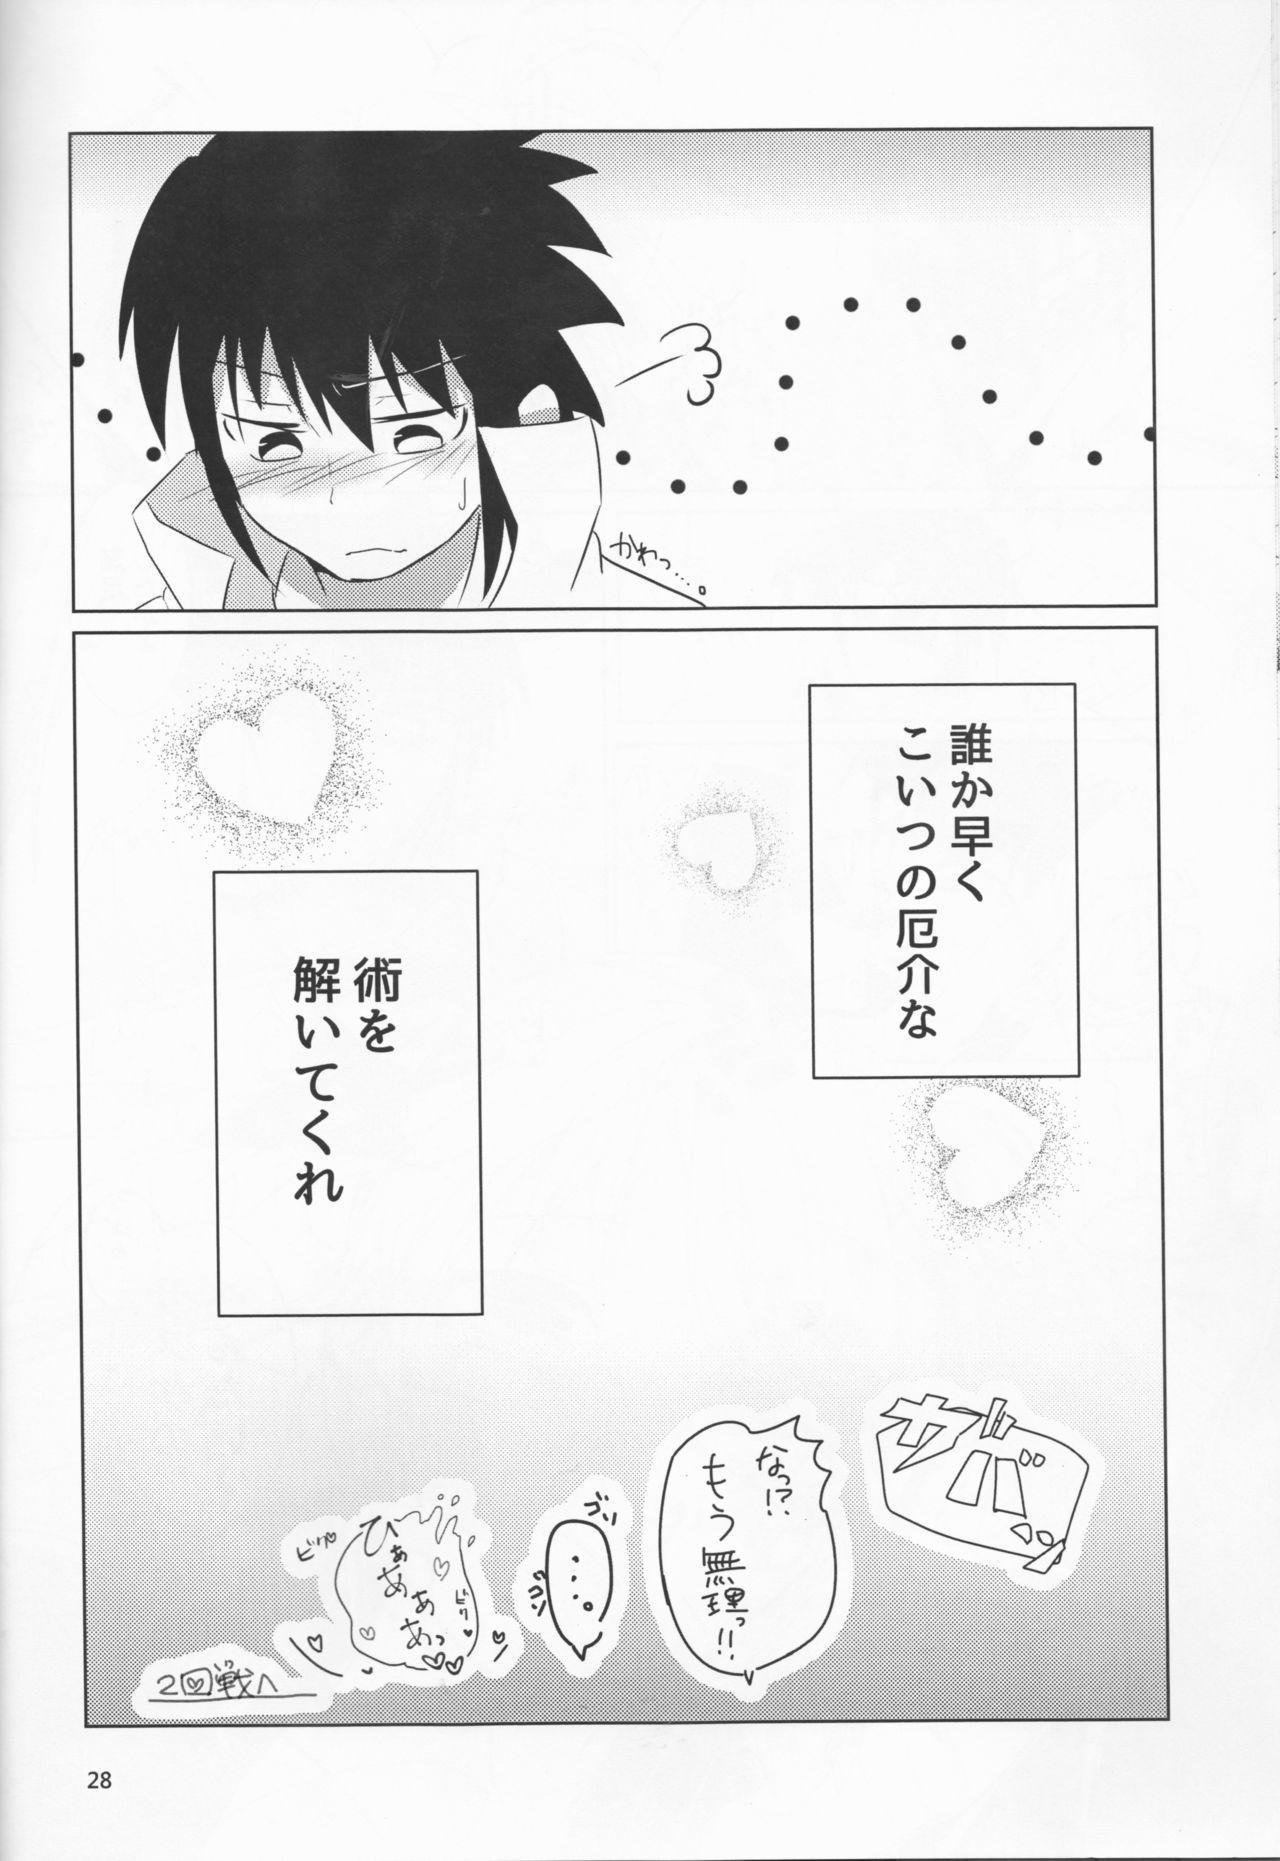 Douyara Usuratonkachi no Kudaranai Jutsu wa Ore ni Kouka ga Nai rashii. 27